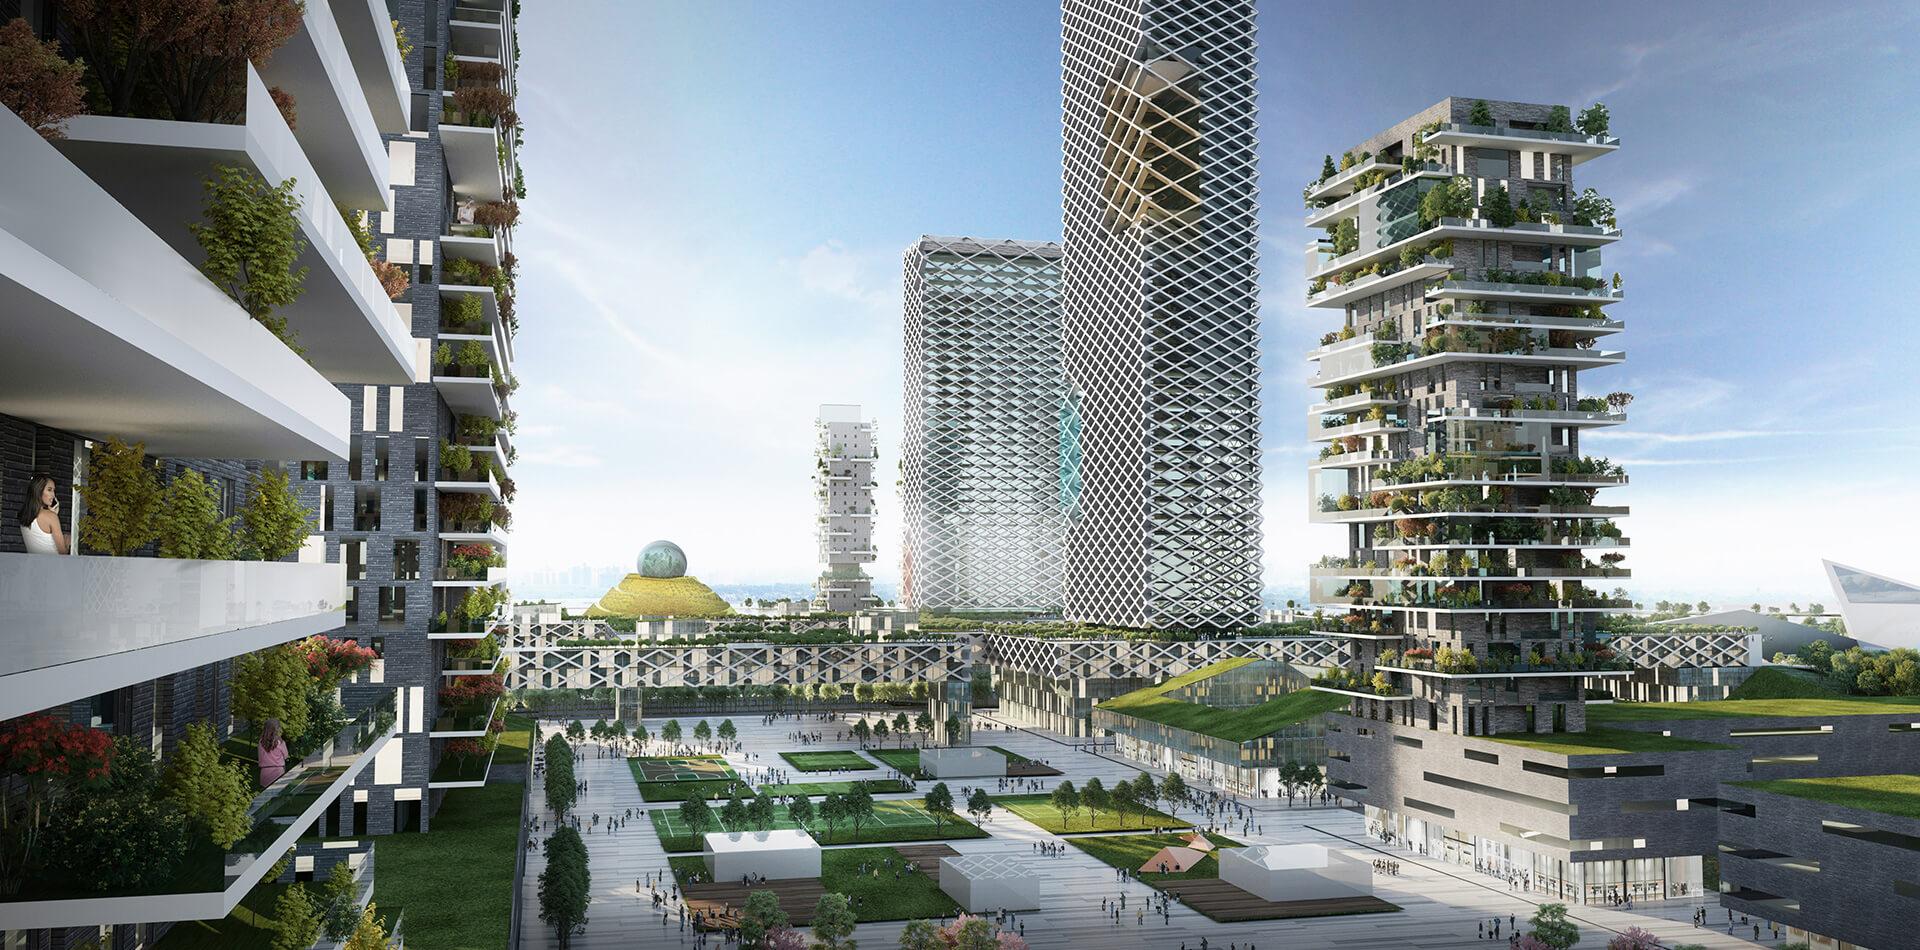 05上海后滩克虏伯-Shanghai-HoutanKrupp-Area-Urban-Renewal